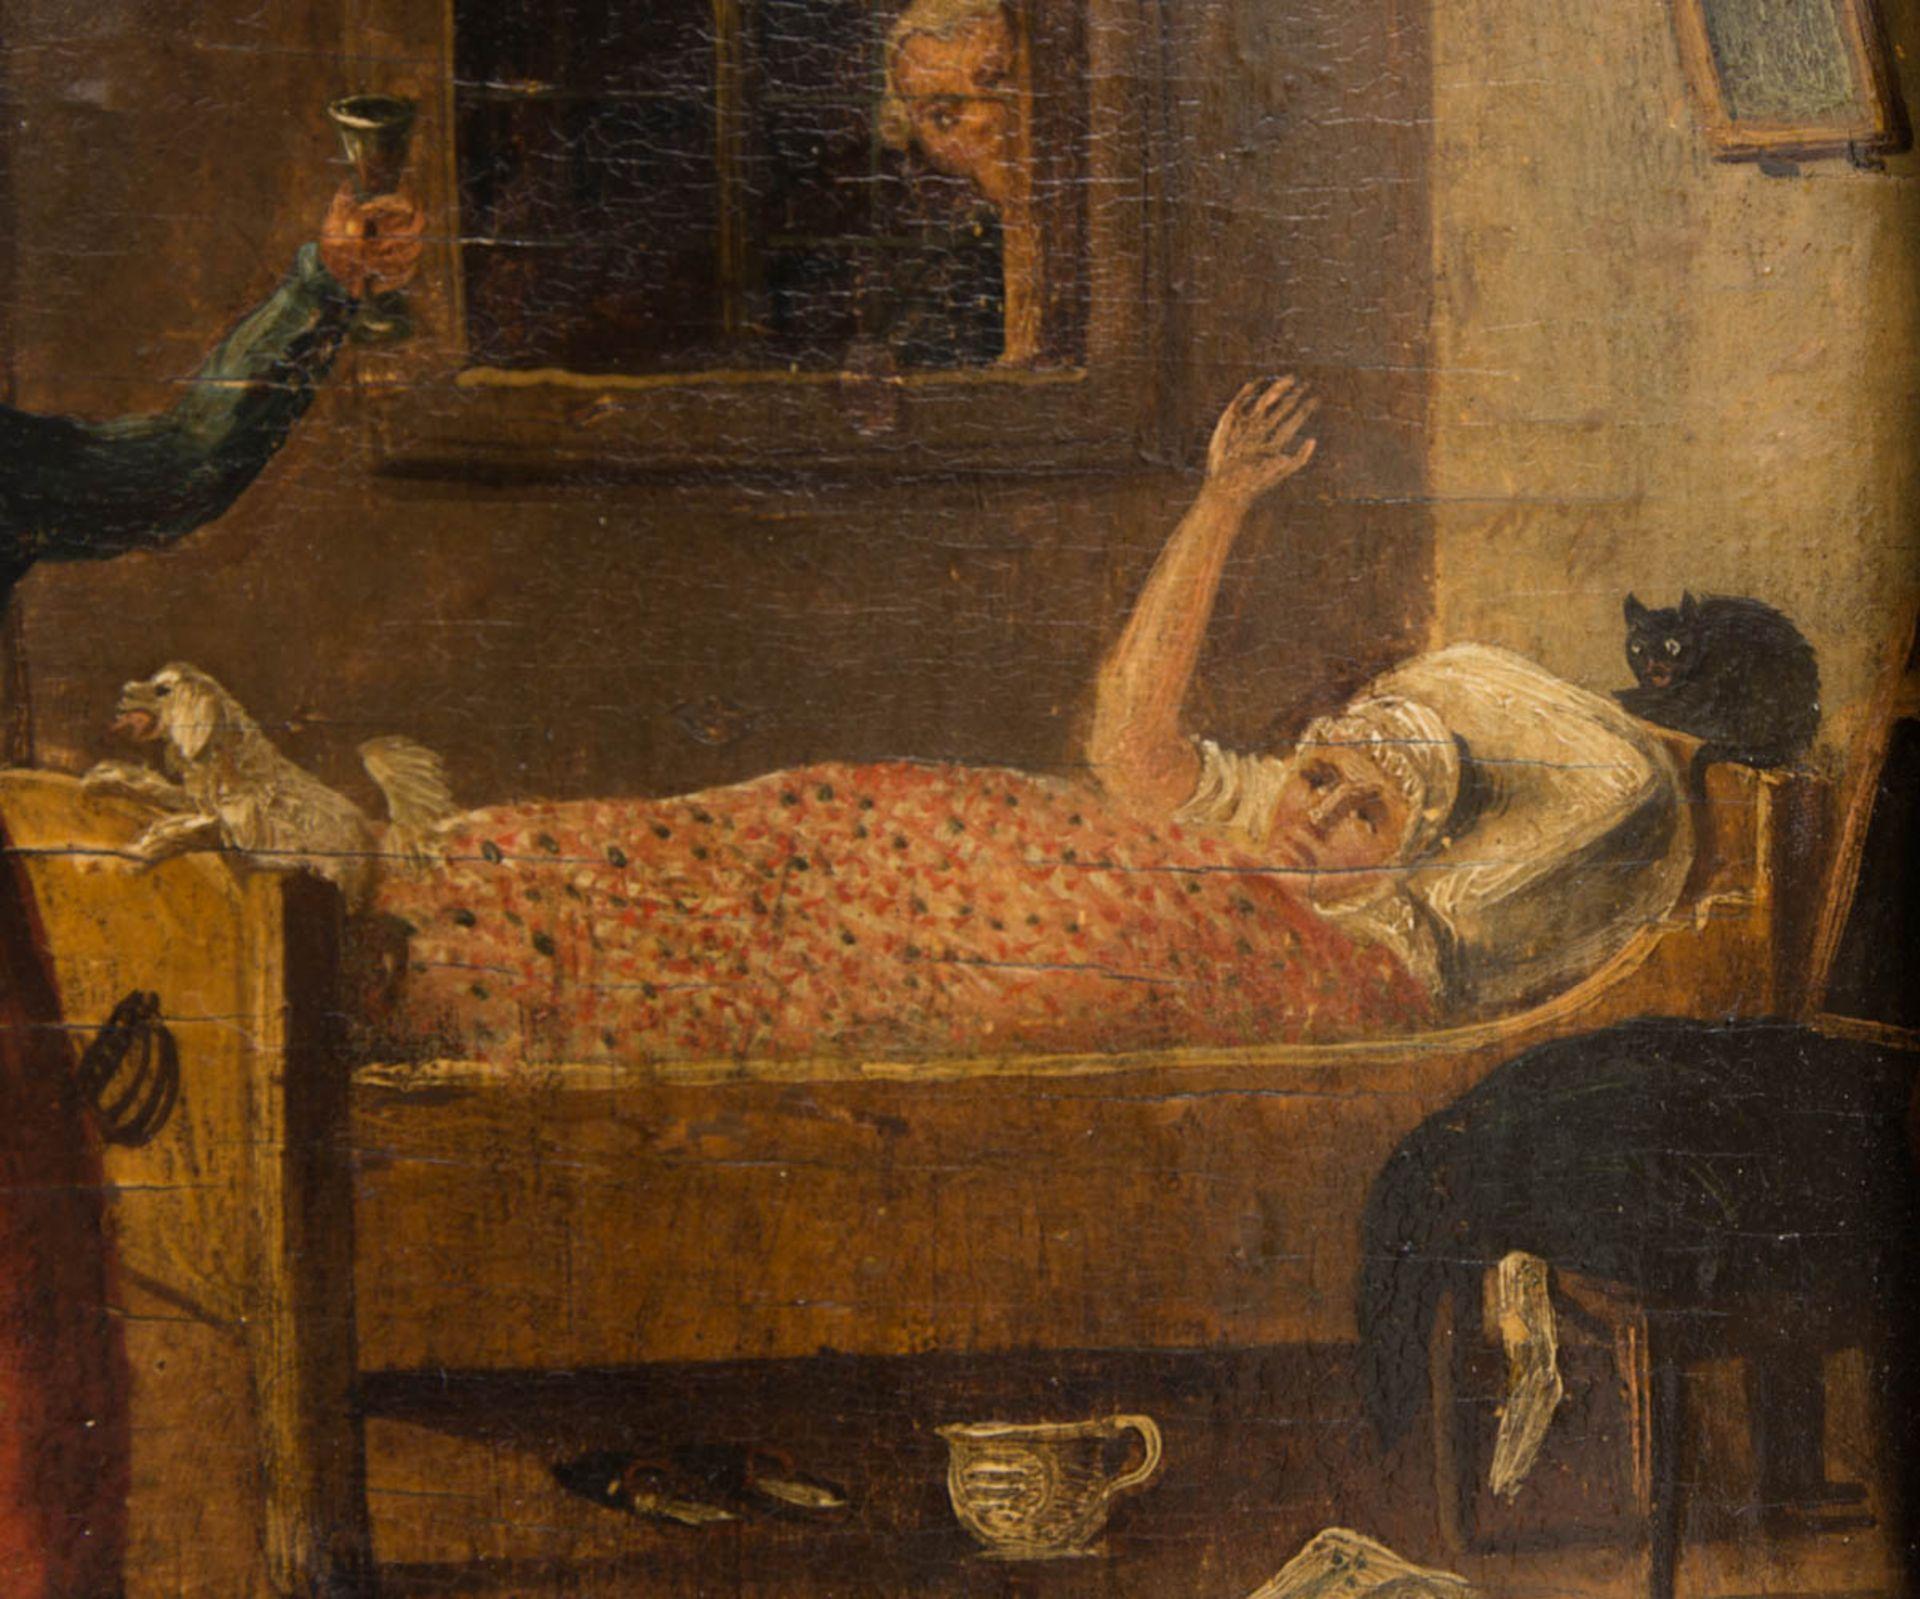 Johann Phillipp Ulbricht, Paar humorvolle Szenen, Öl auf Holz, Mitte 18. Jh. - Bild 6 aus 12